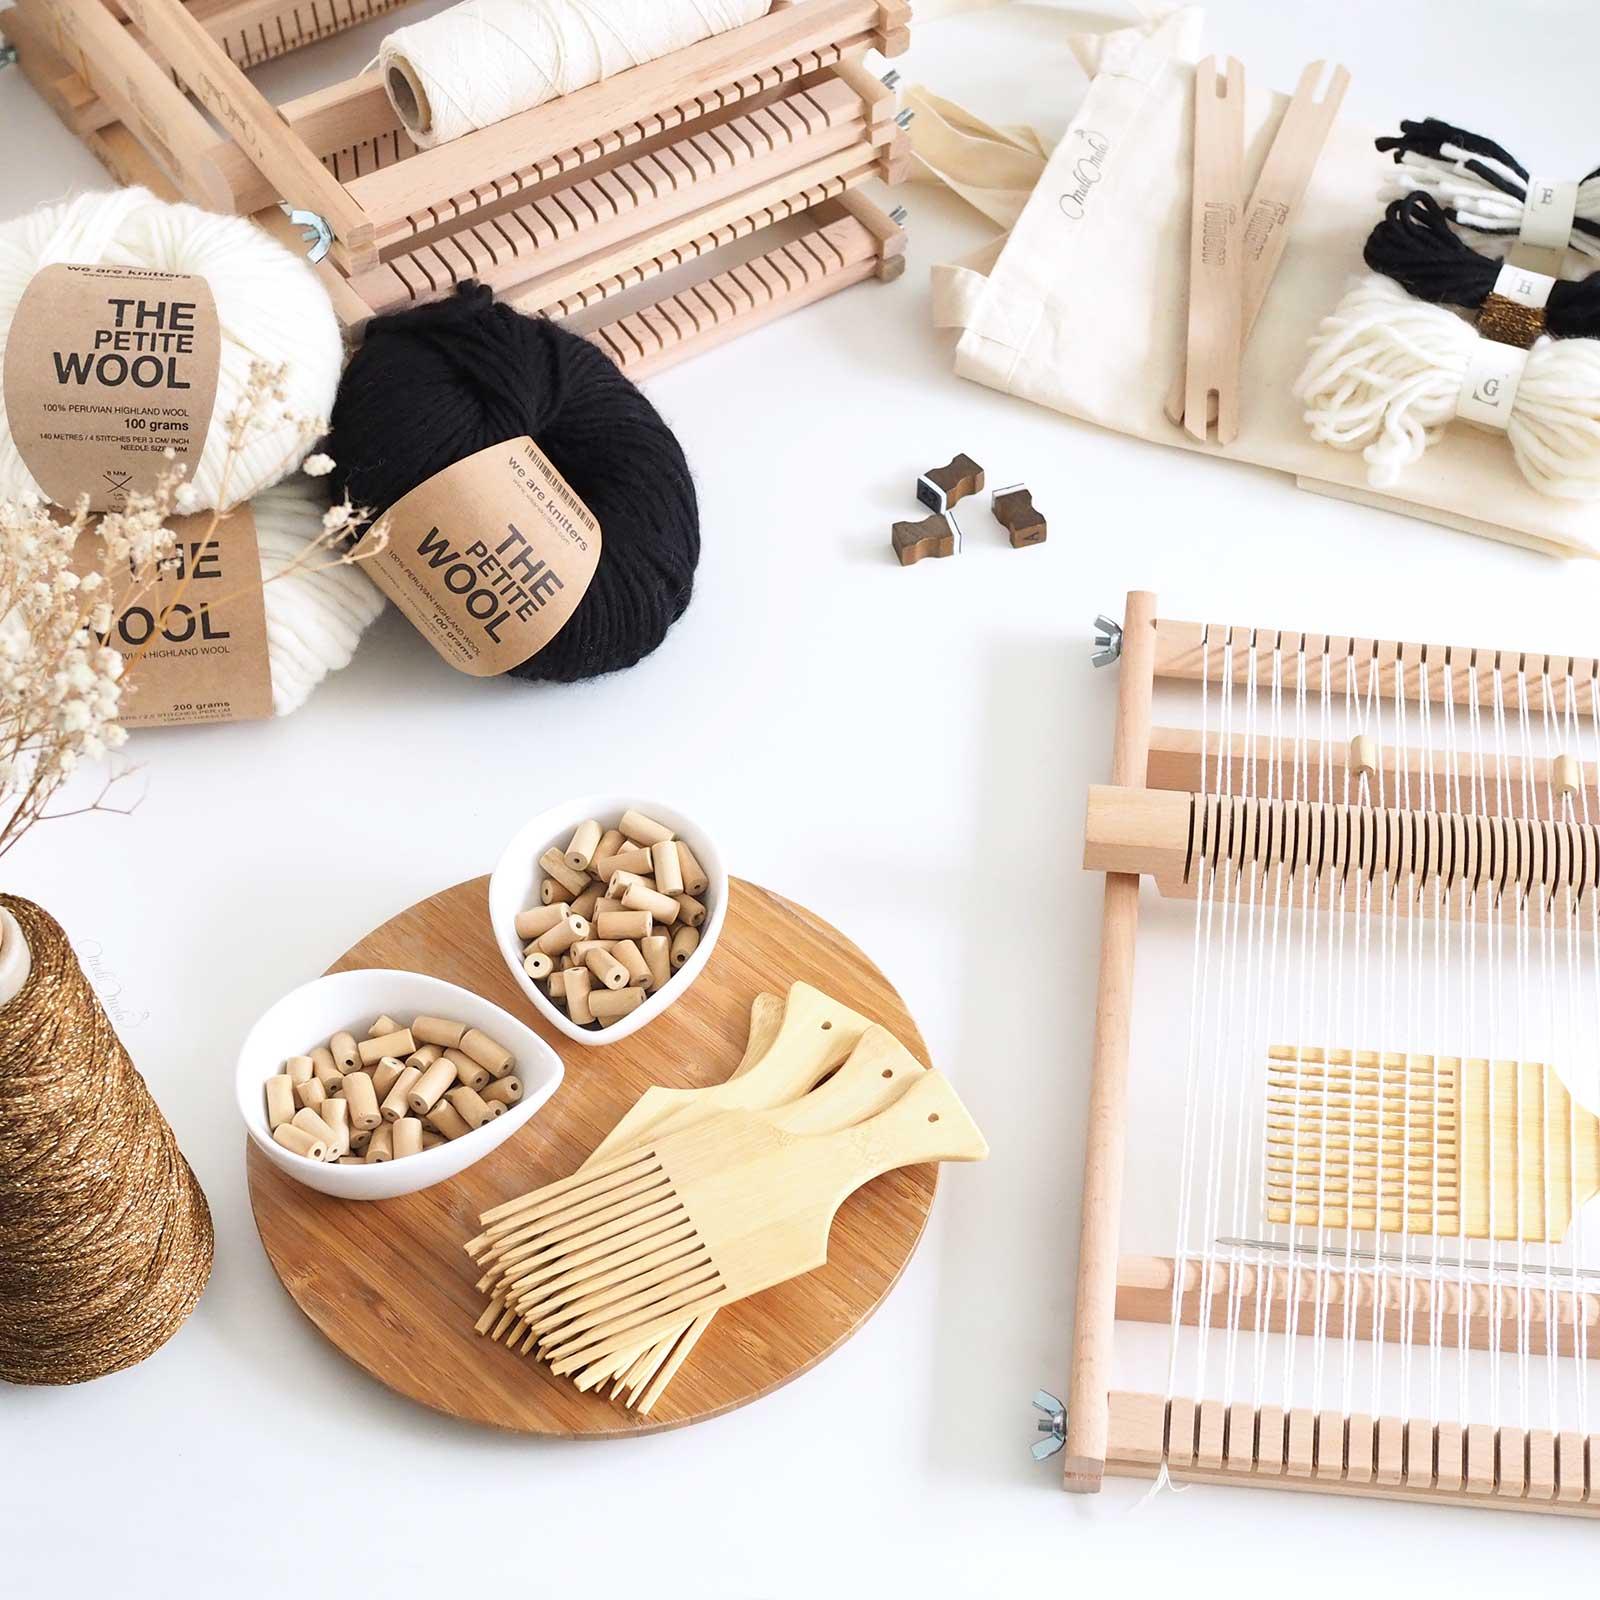 kit de laine reflets d'or modèle DIY préparation laboutiquedemelimelo